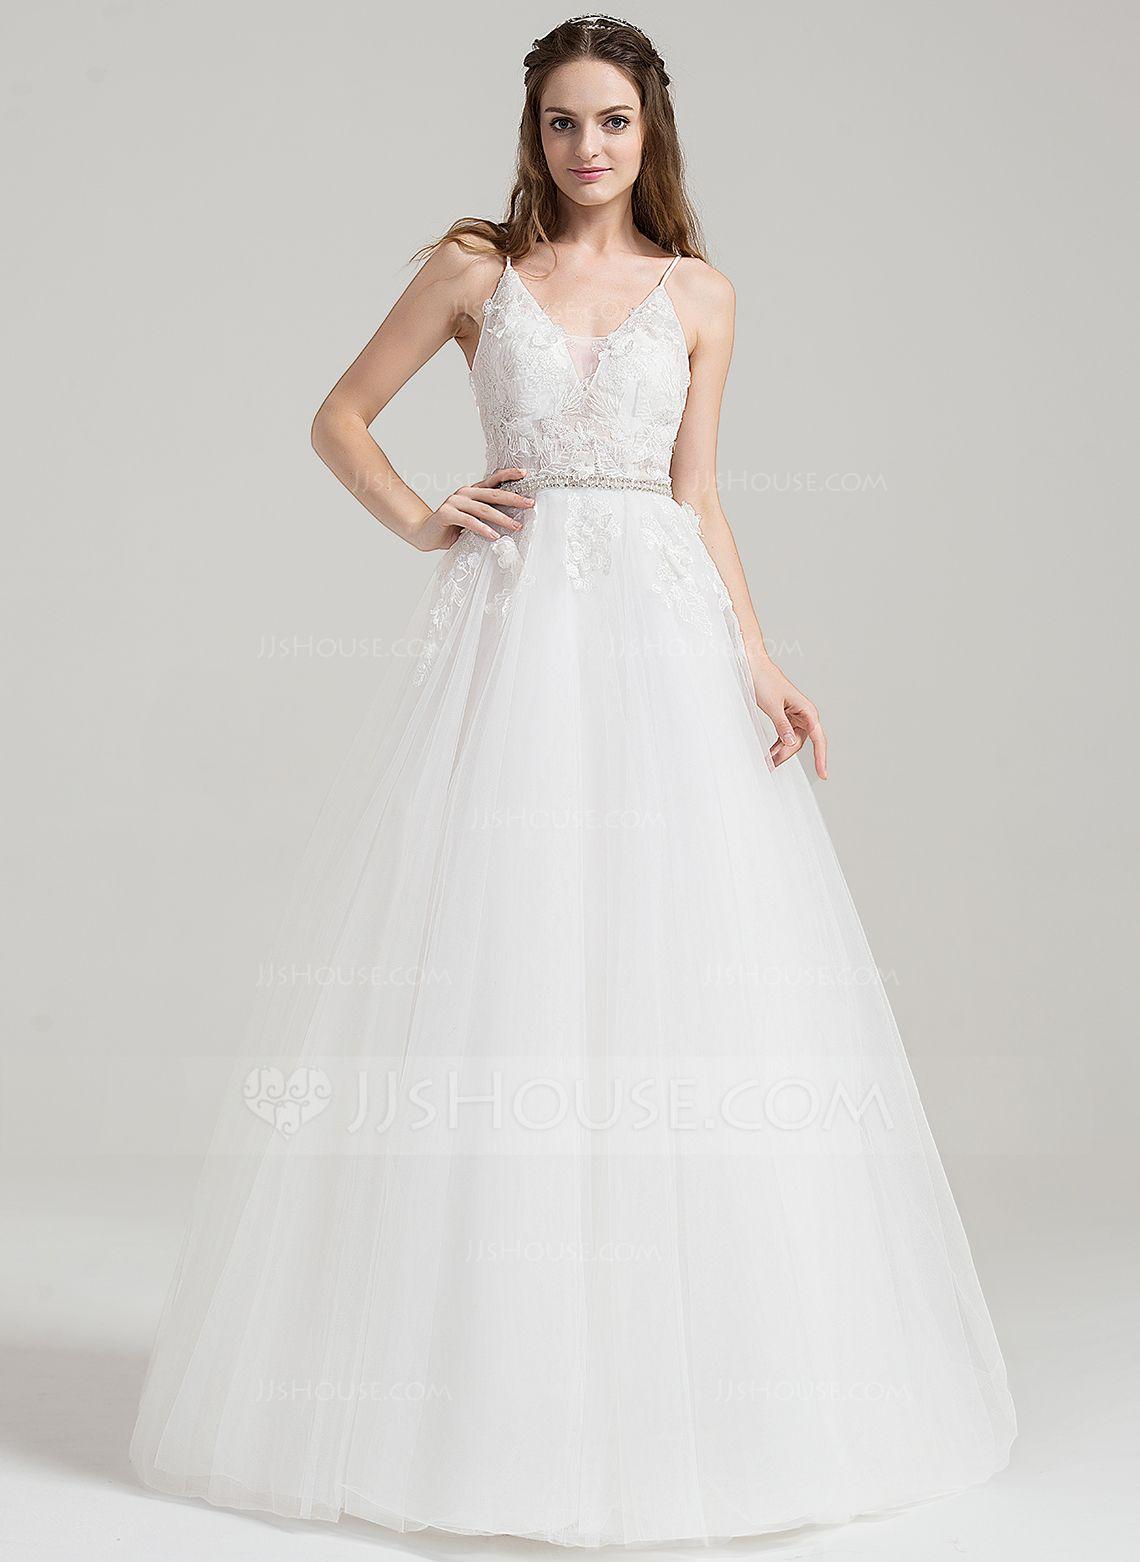 Gray dress for wedding party  Corte de baile Escote en V Hasta el suelo Cuentas Los appliques